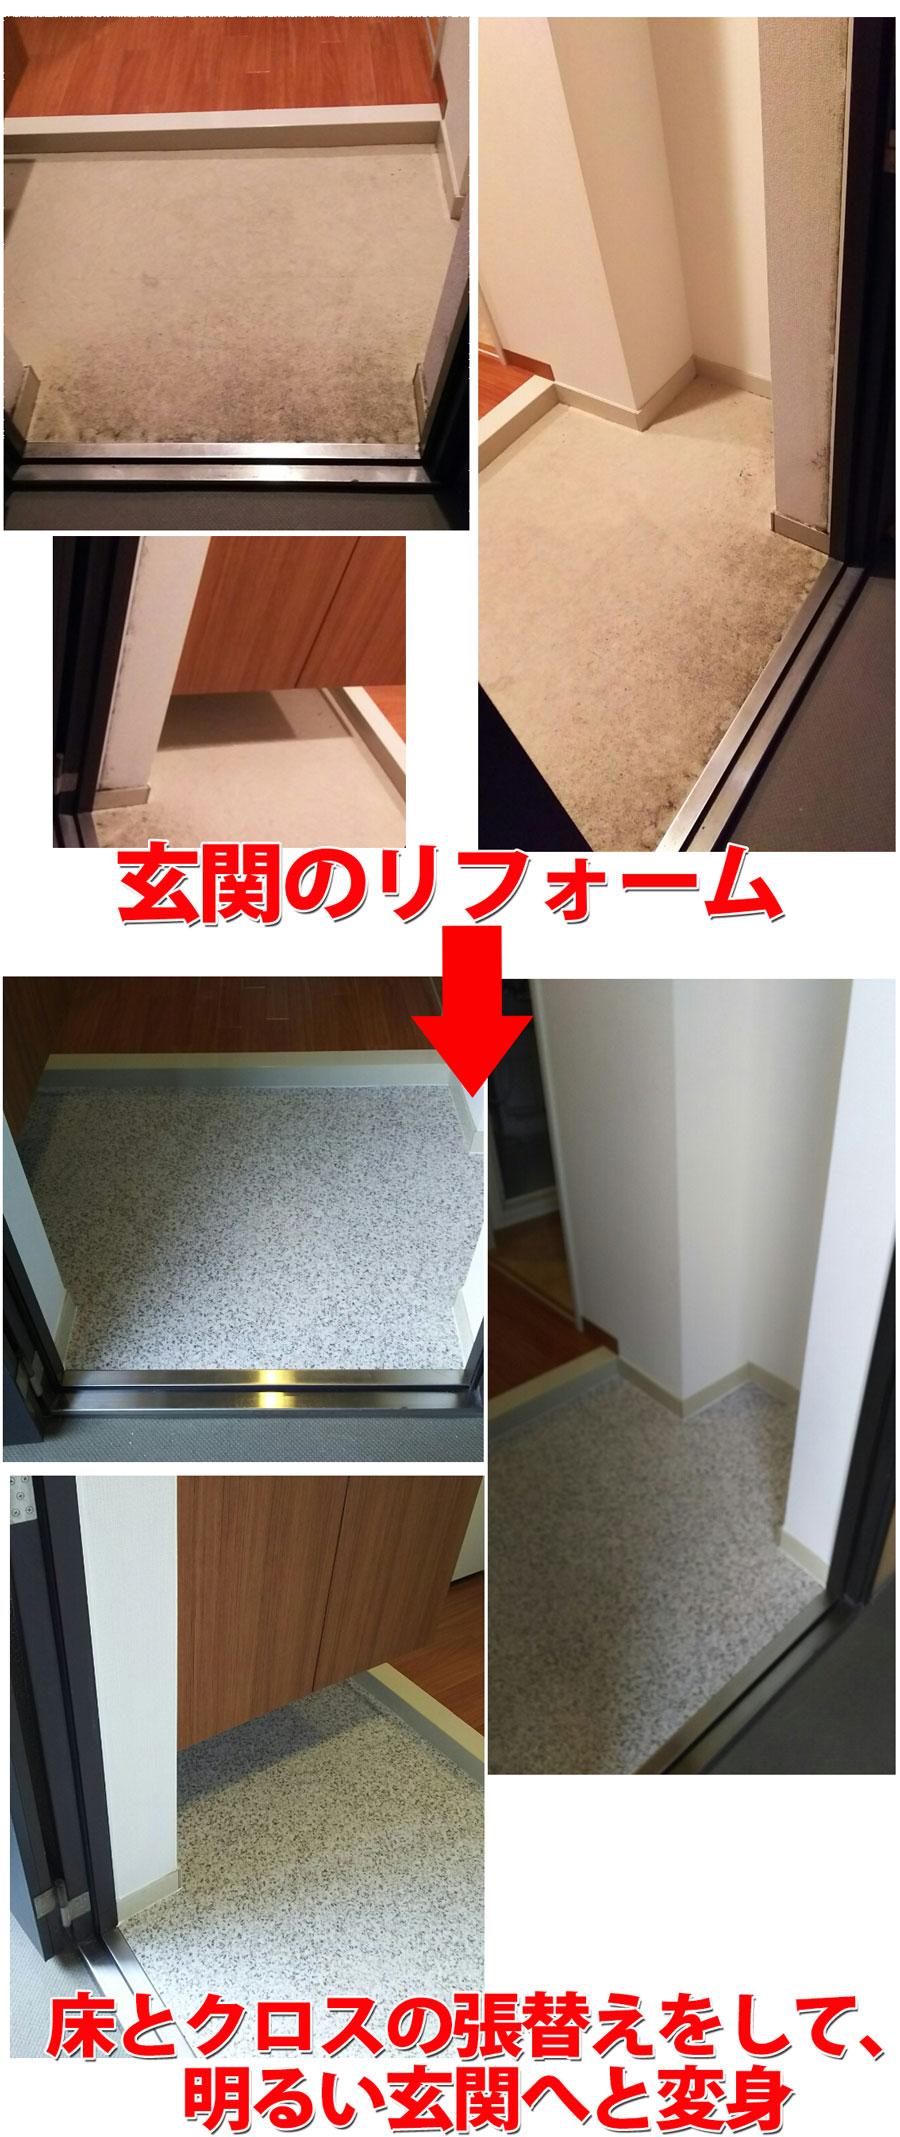 床とクロスの張替えをして、綺麗な玄関へリフォーム